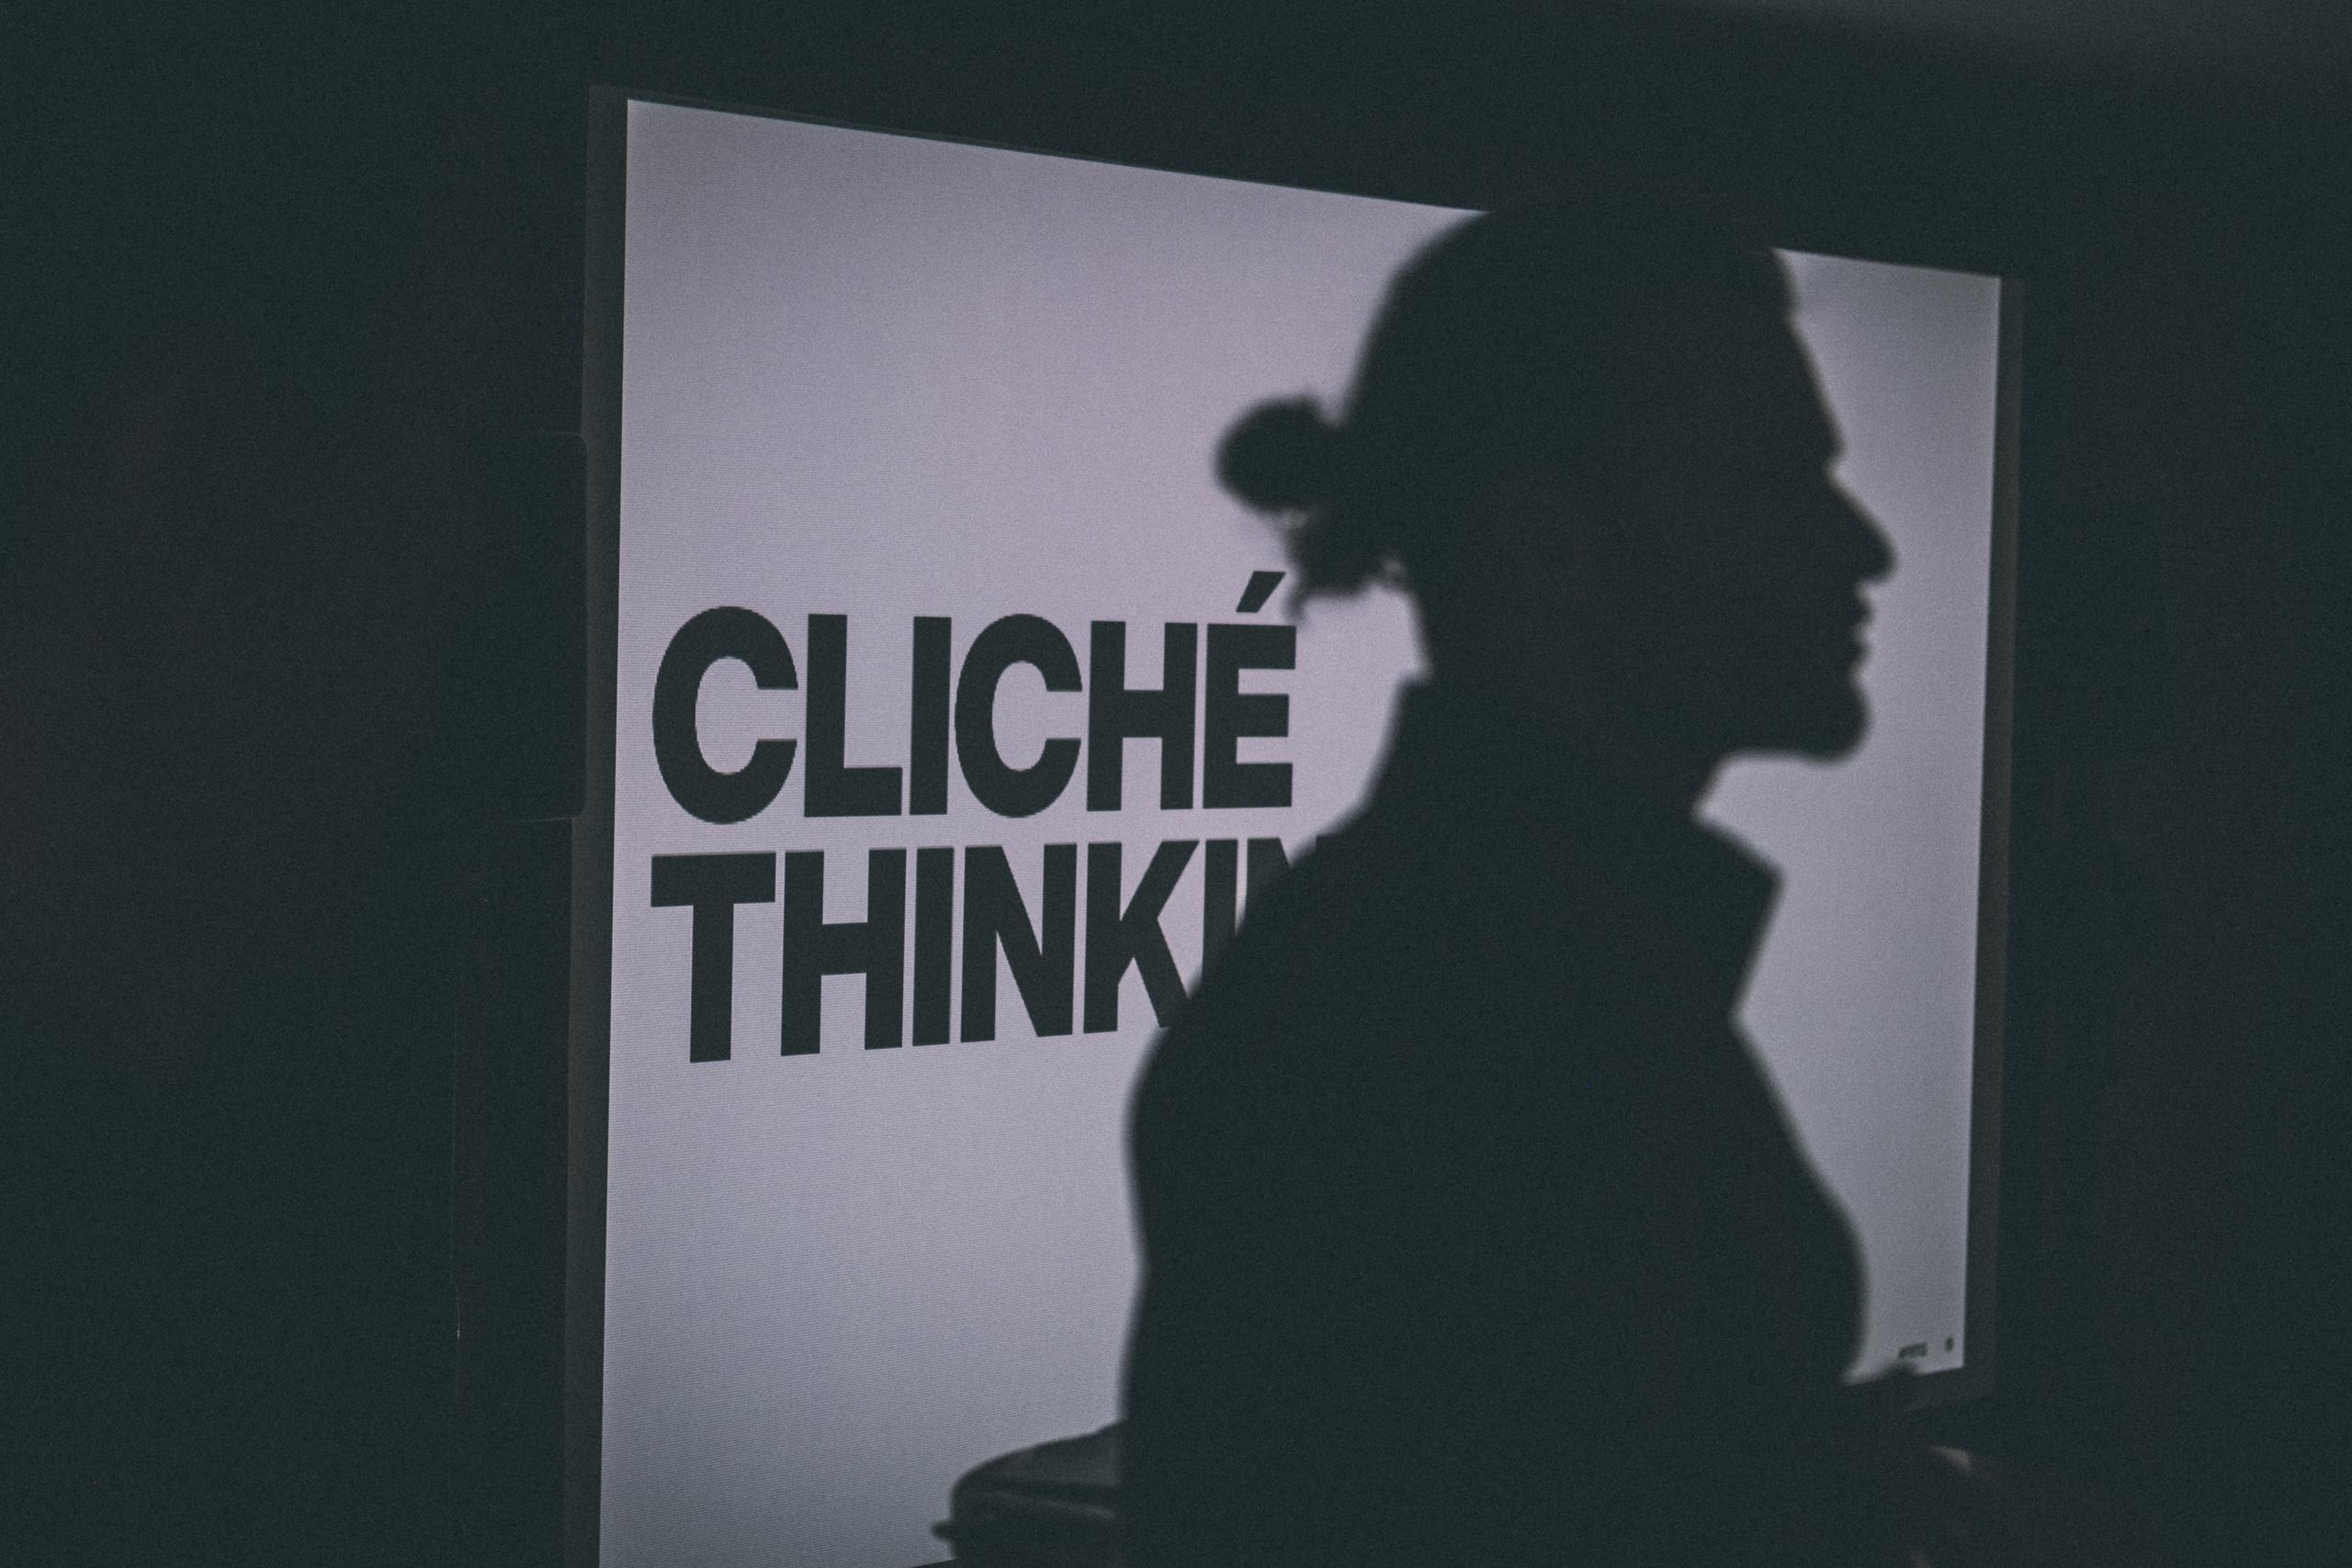 1803 Frtg Hendrik Cliche Thinking